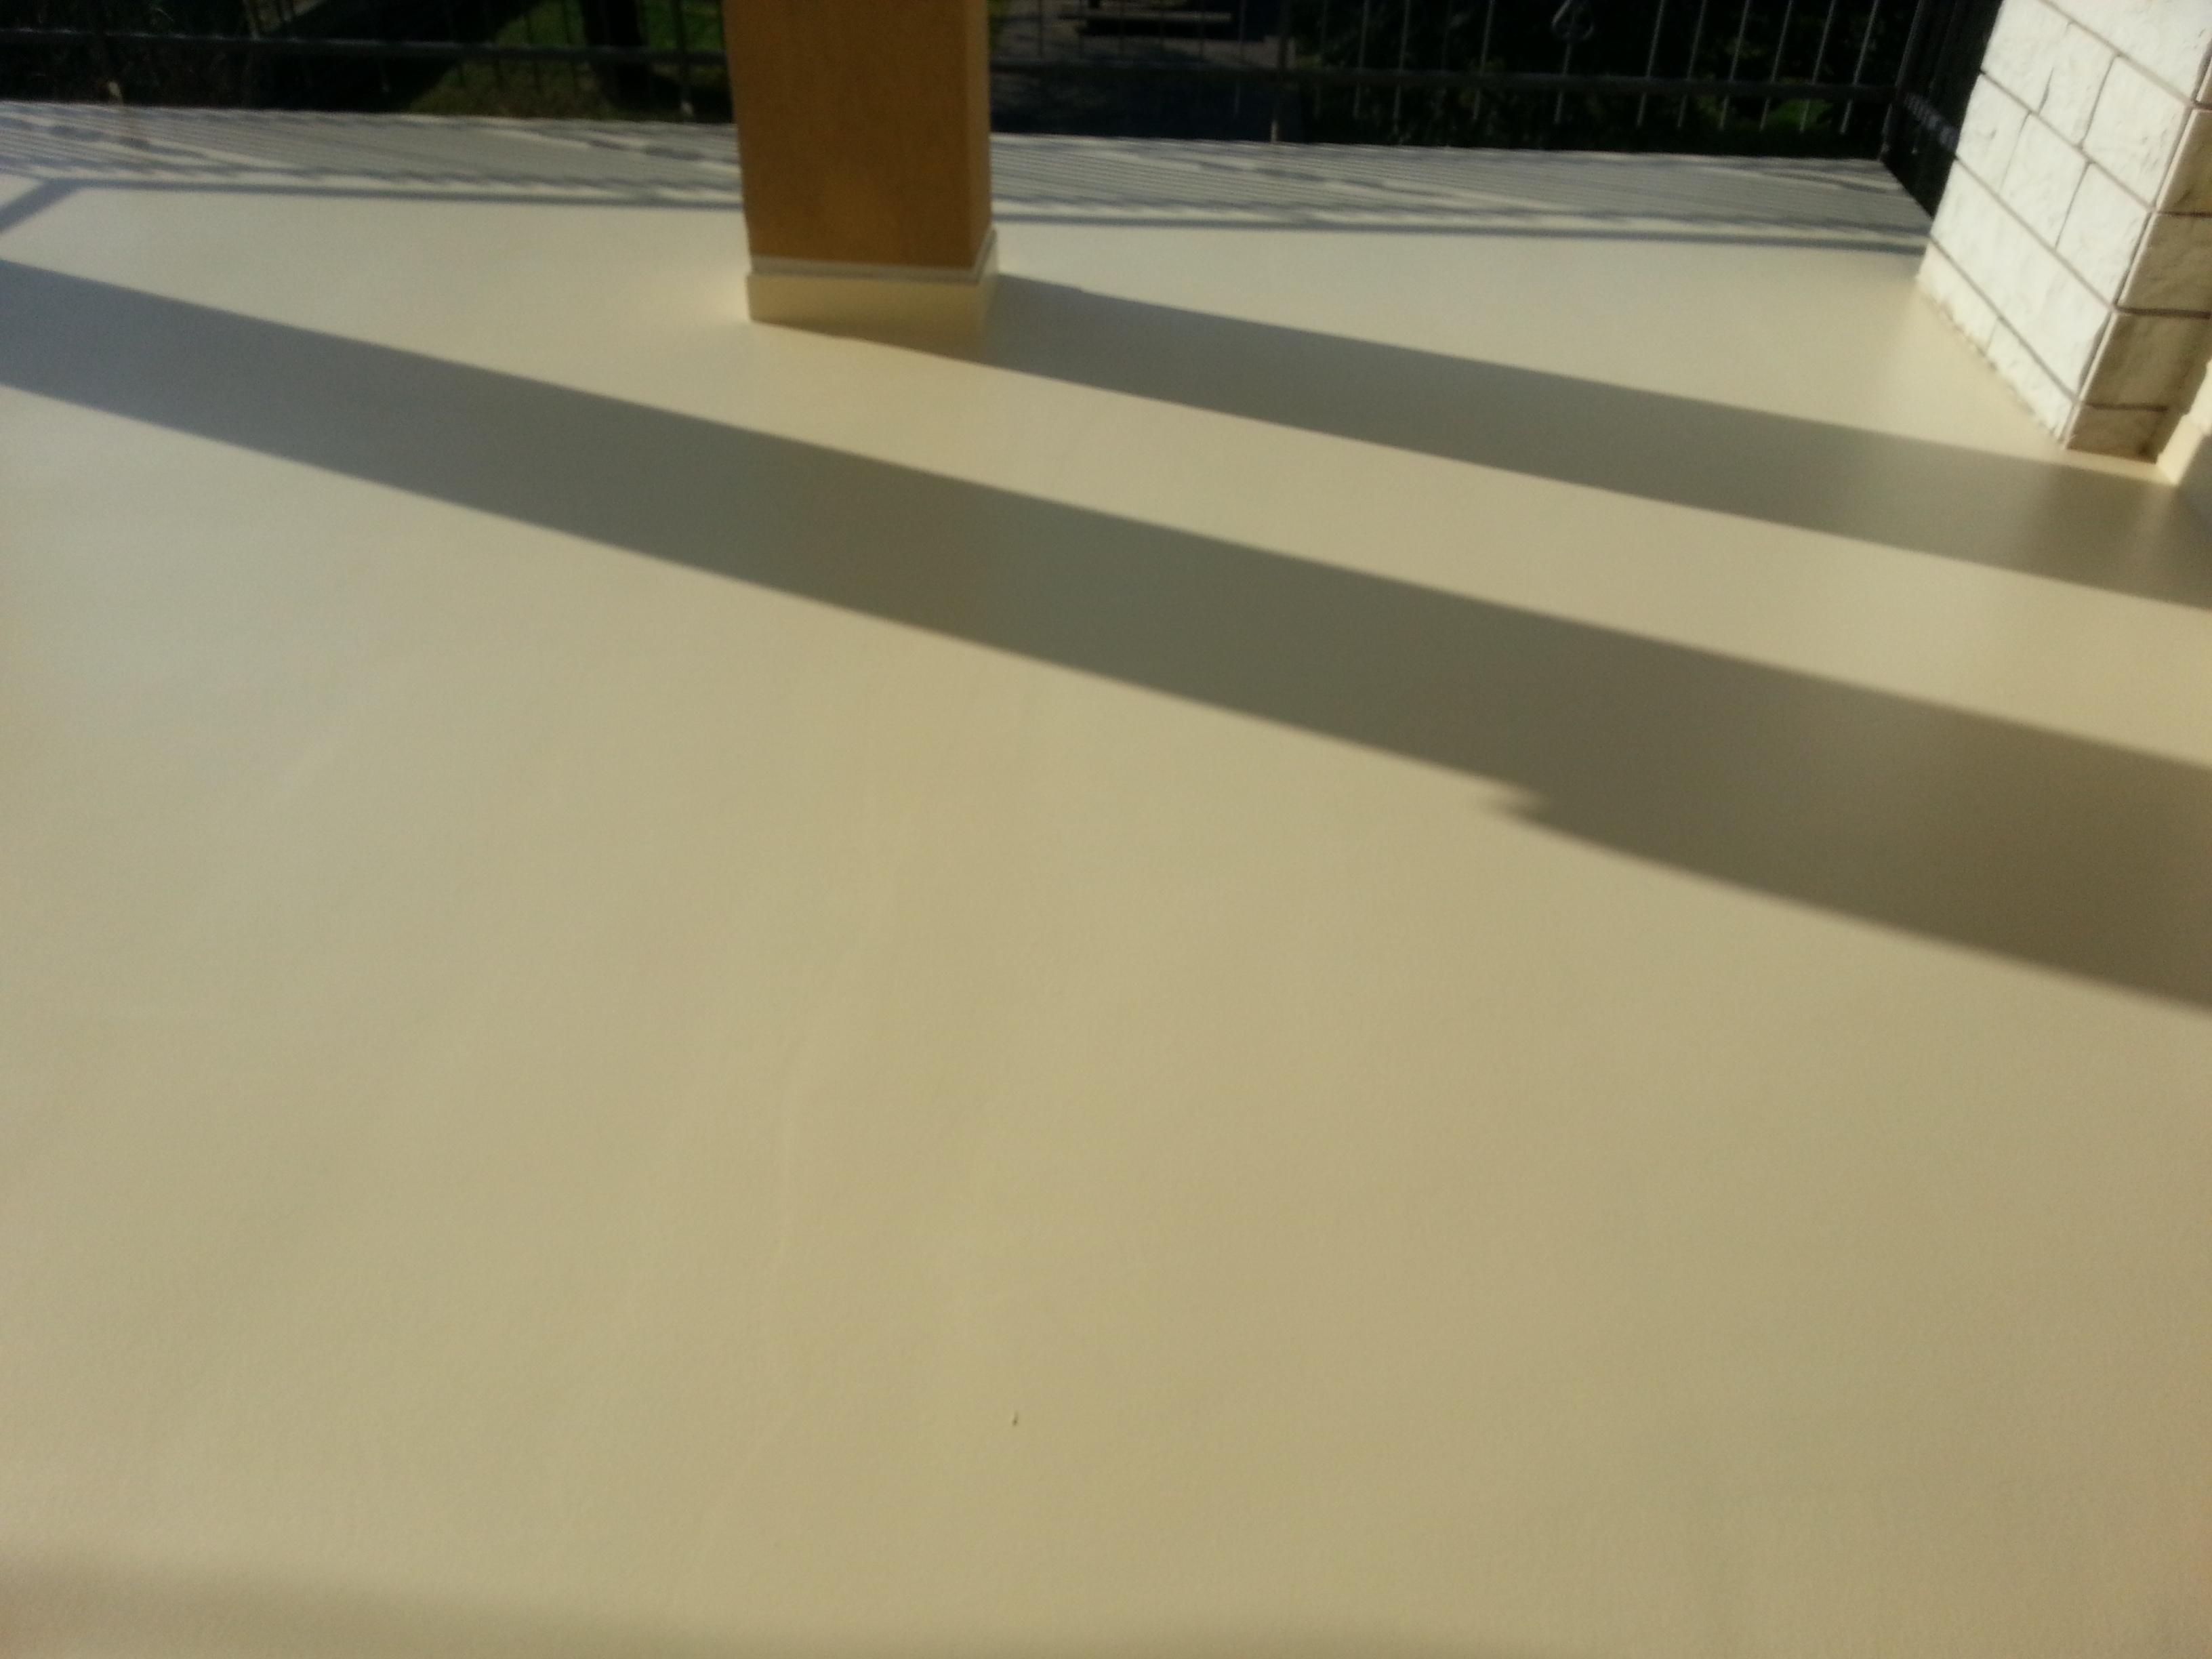 Rifare il pavimento senza togliere il vecchio pavitek pavimenti - Rifare pavimento senza spostare mobili ...